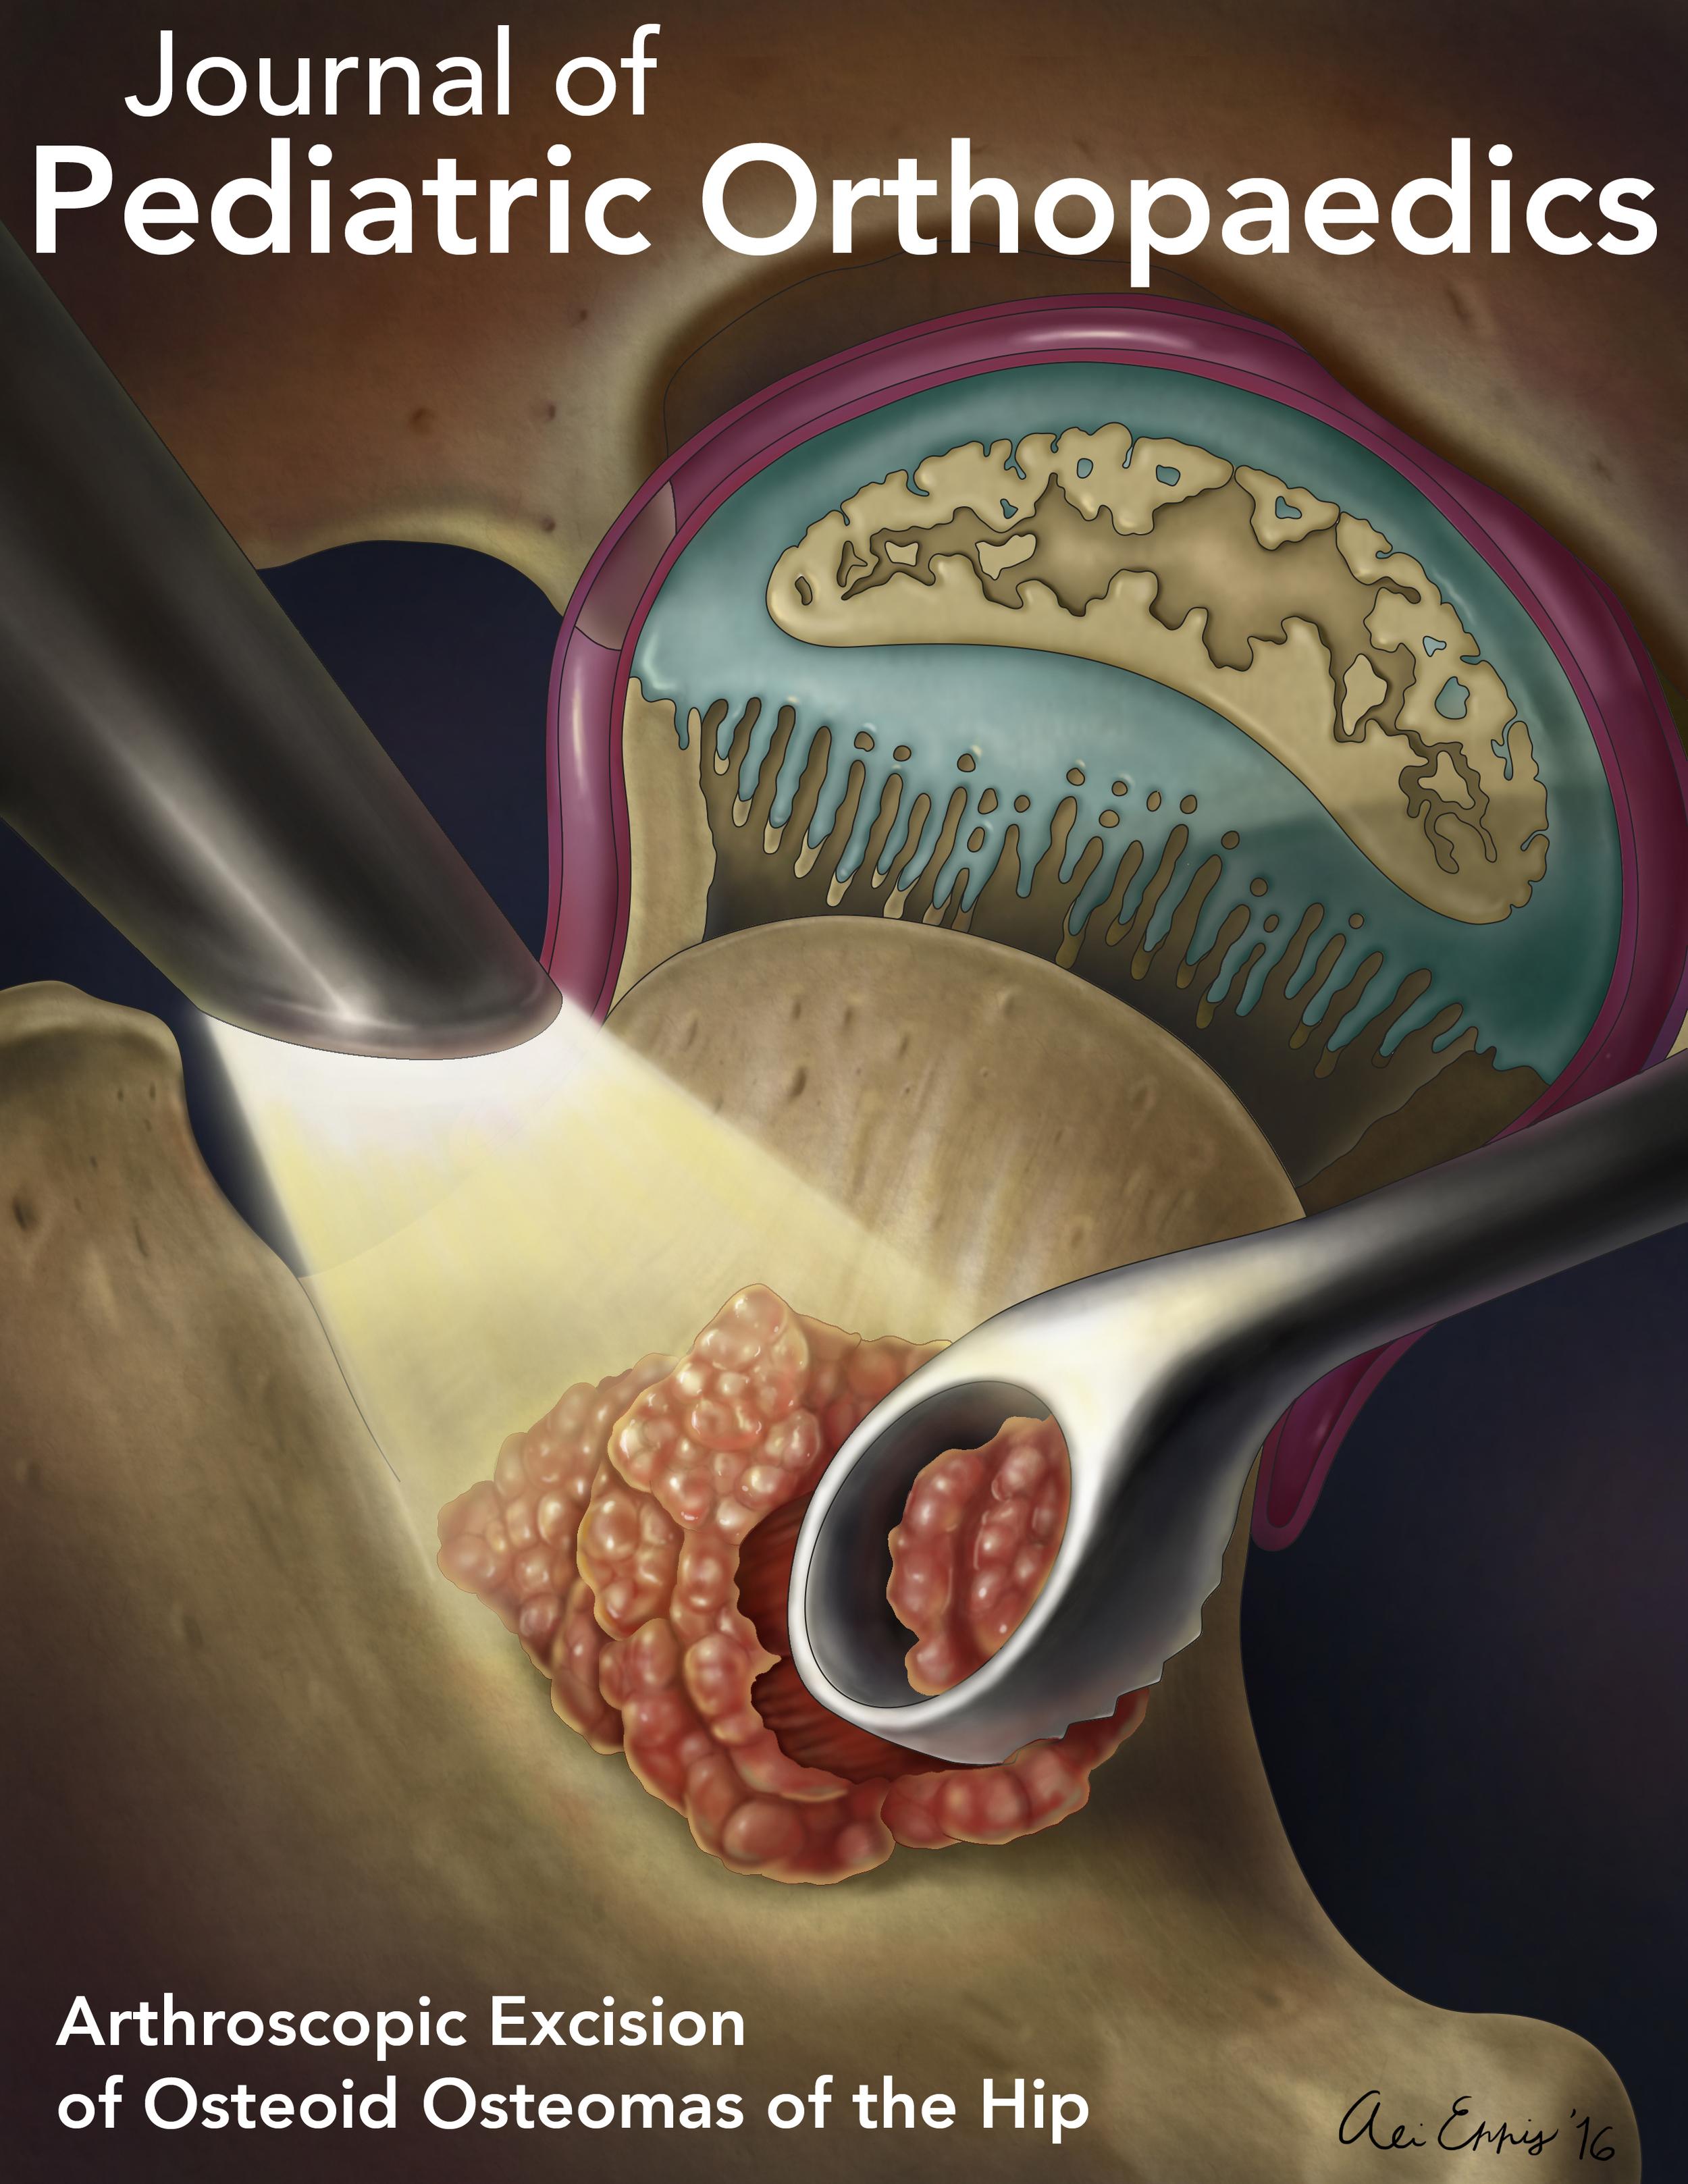 Arthroscopic Excision of Osteoid Osteomas